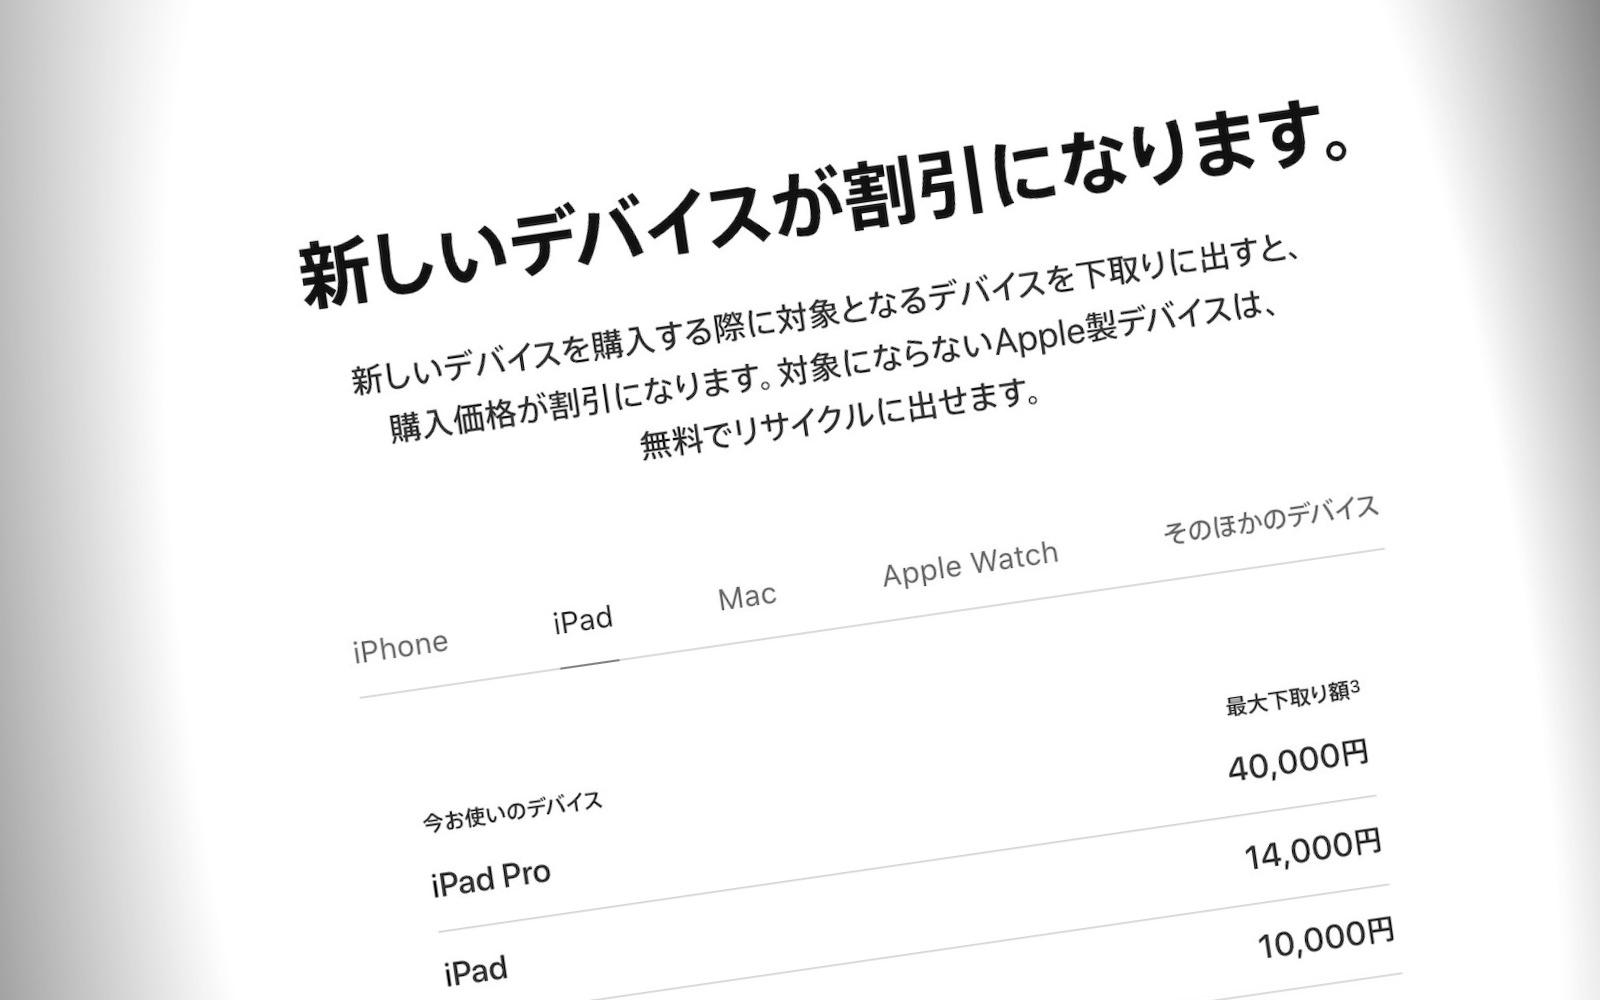 Apple tradein campaign